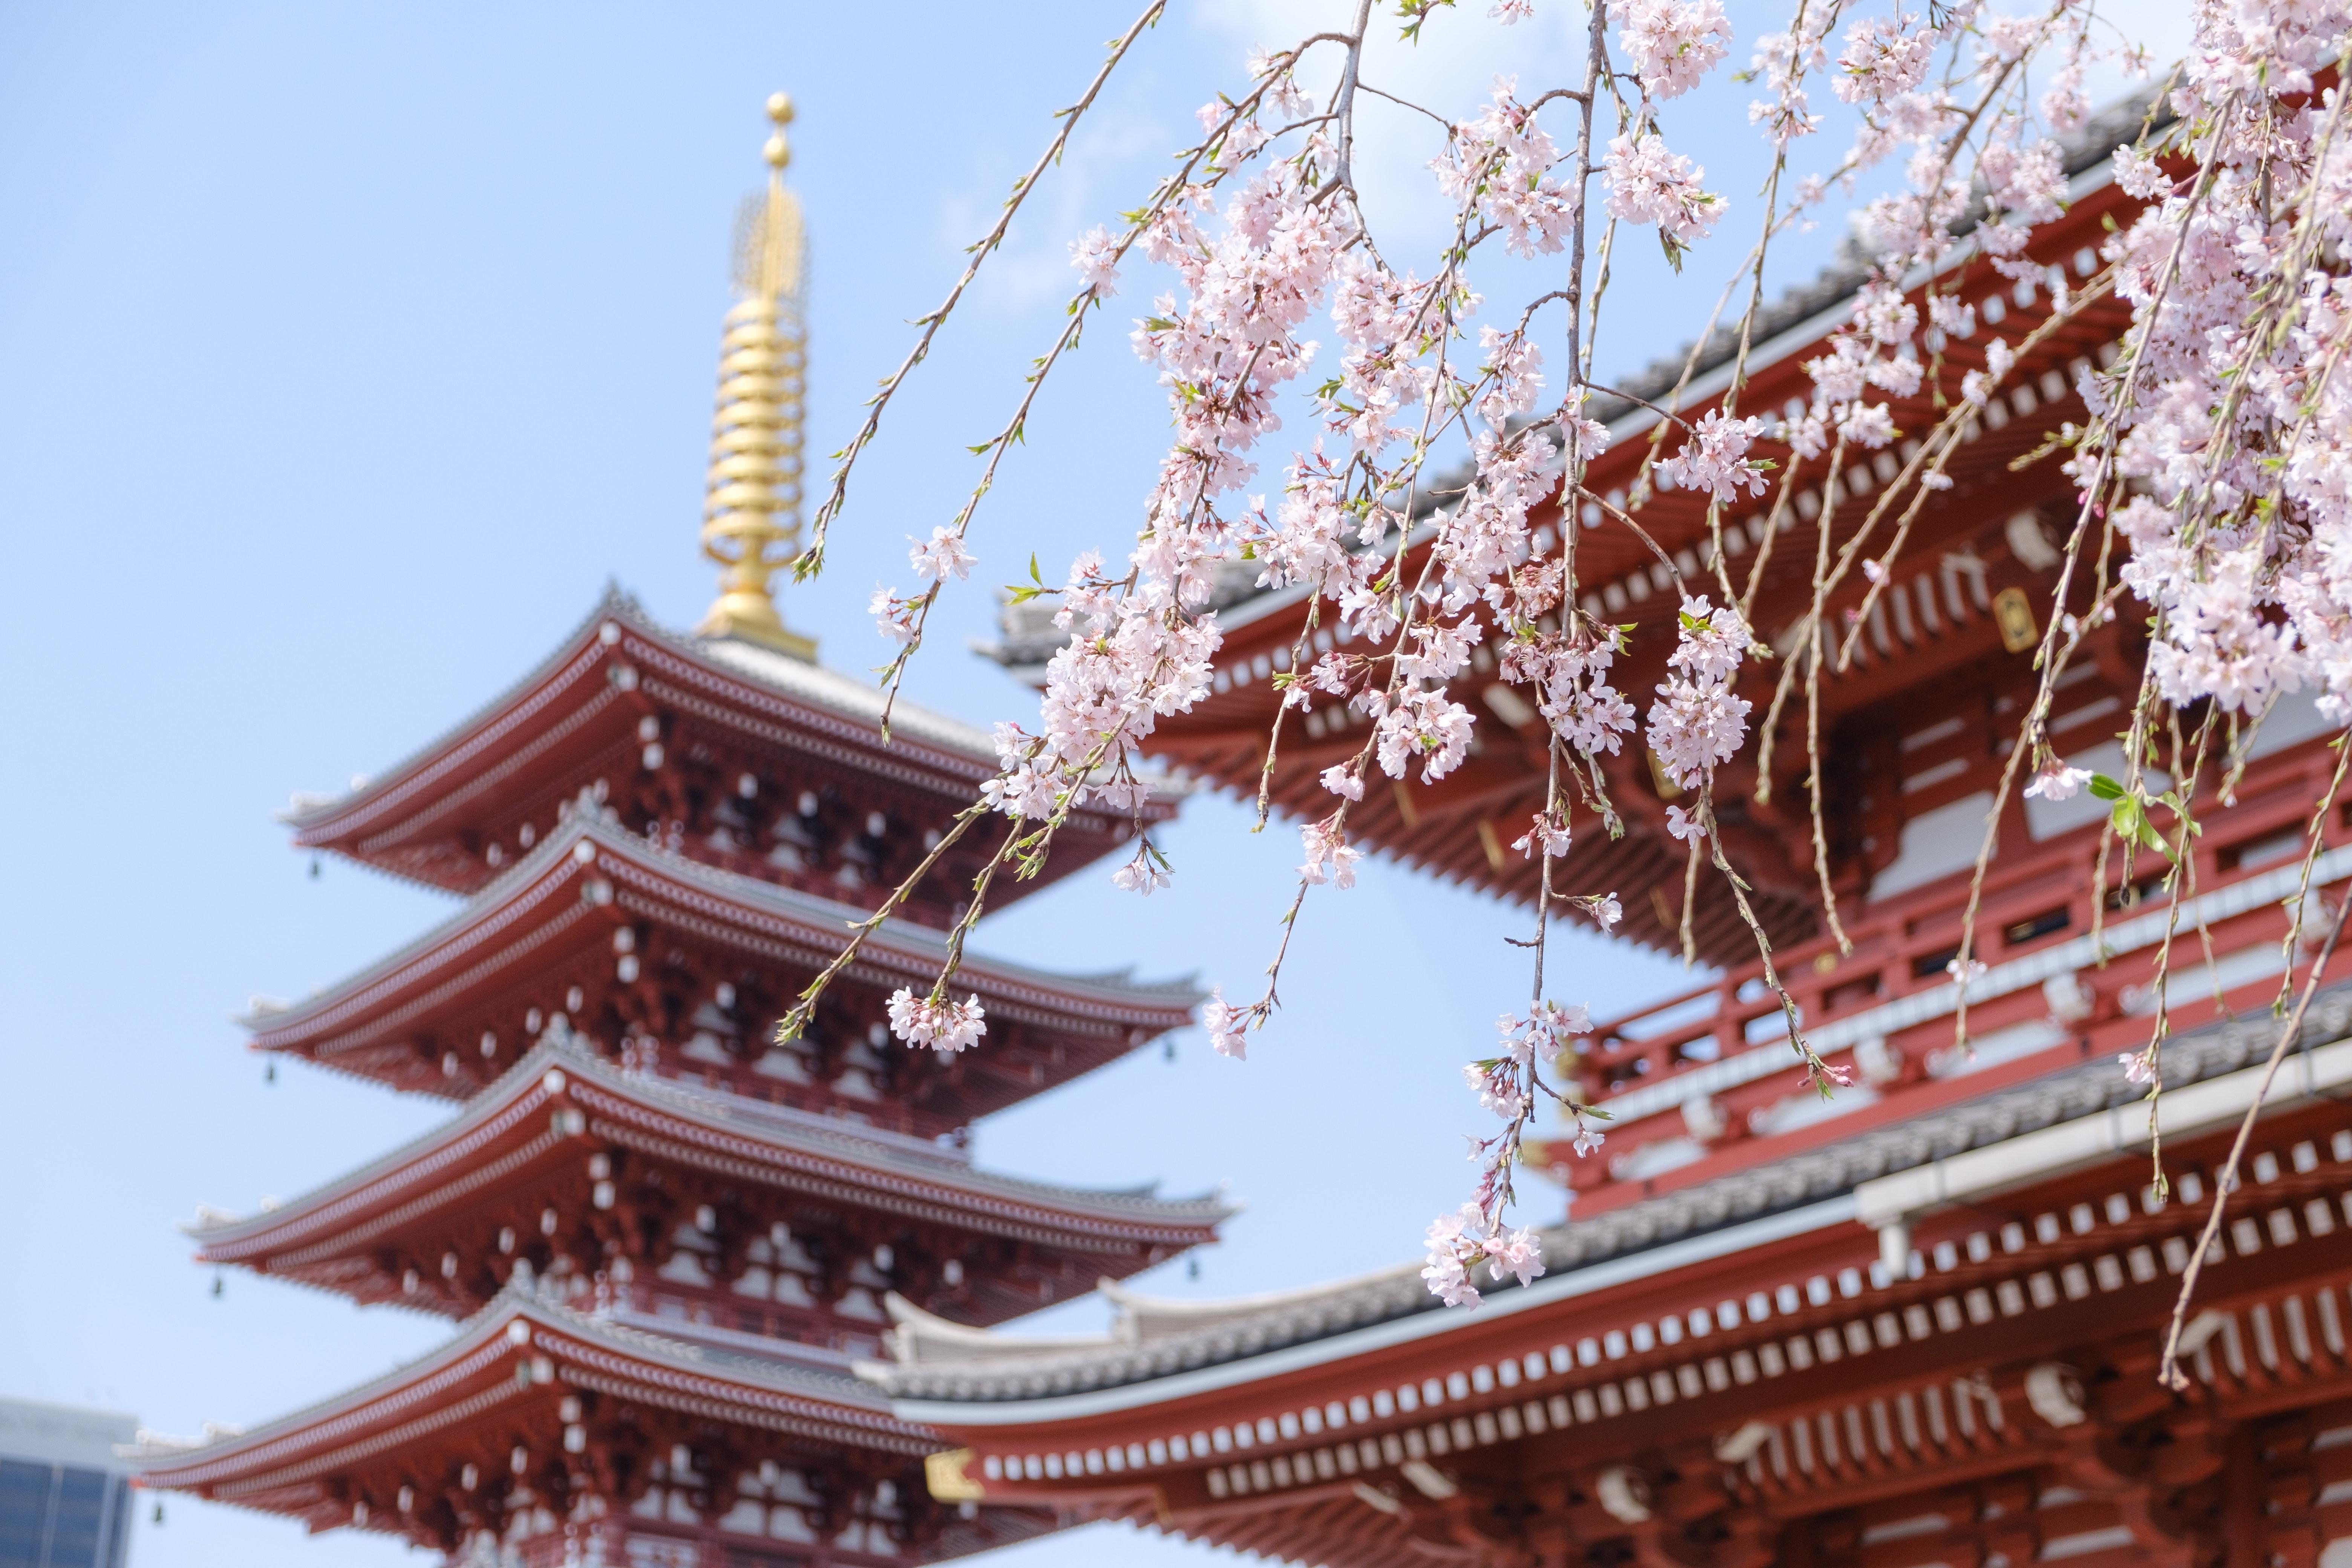 竈門神社が鬼滅の刃の聖地として類似点が多いと話題に!かまど絵馬や日輪刀も?